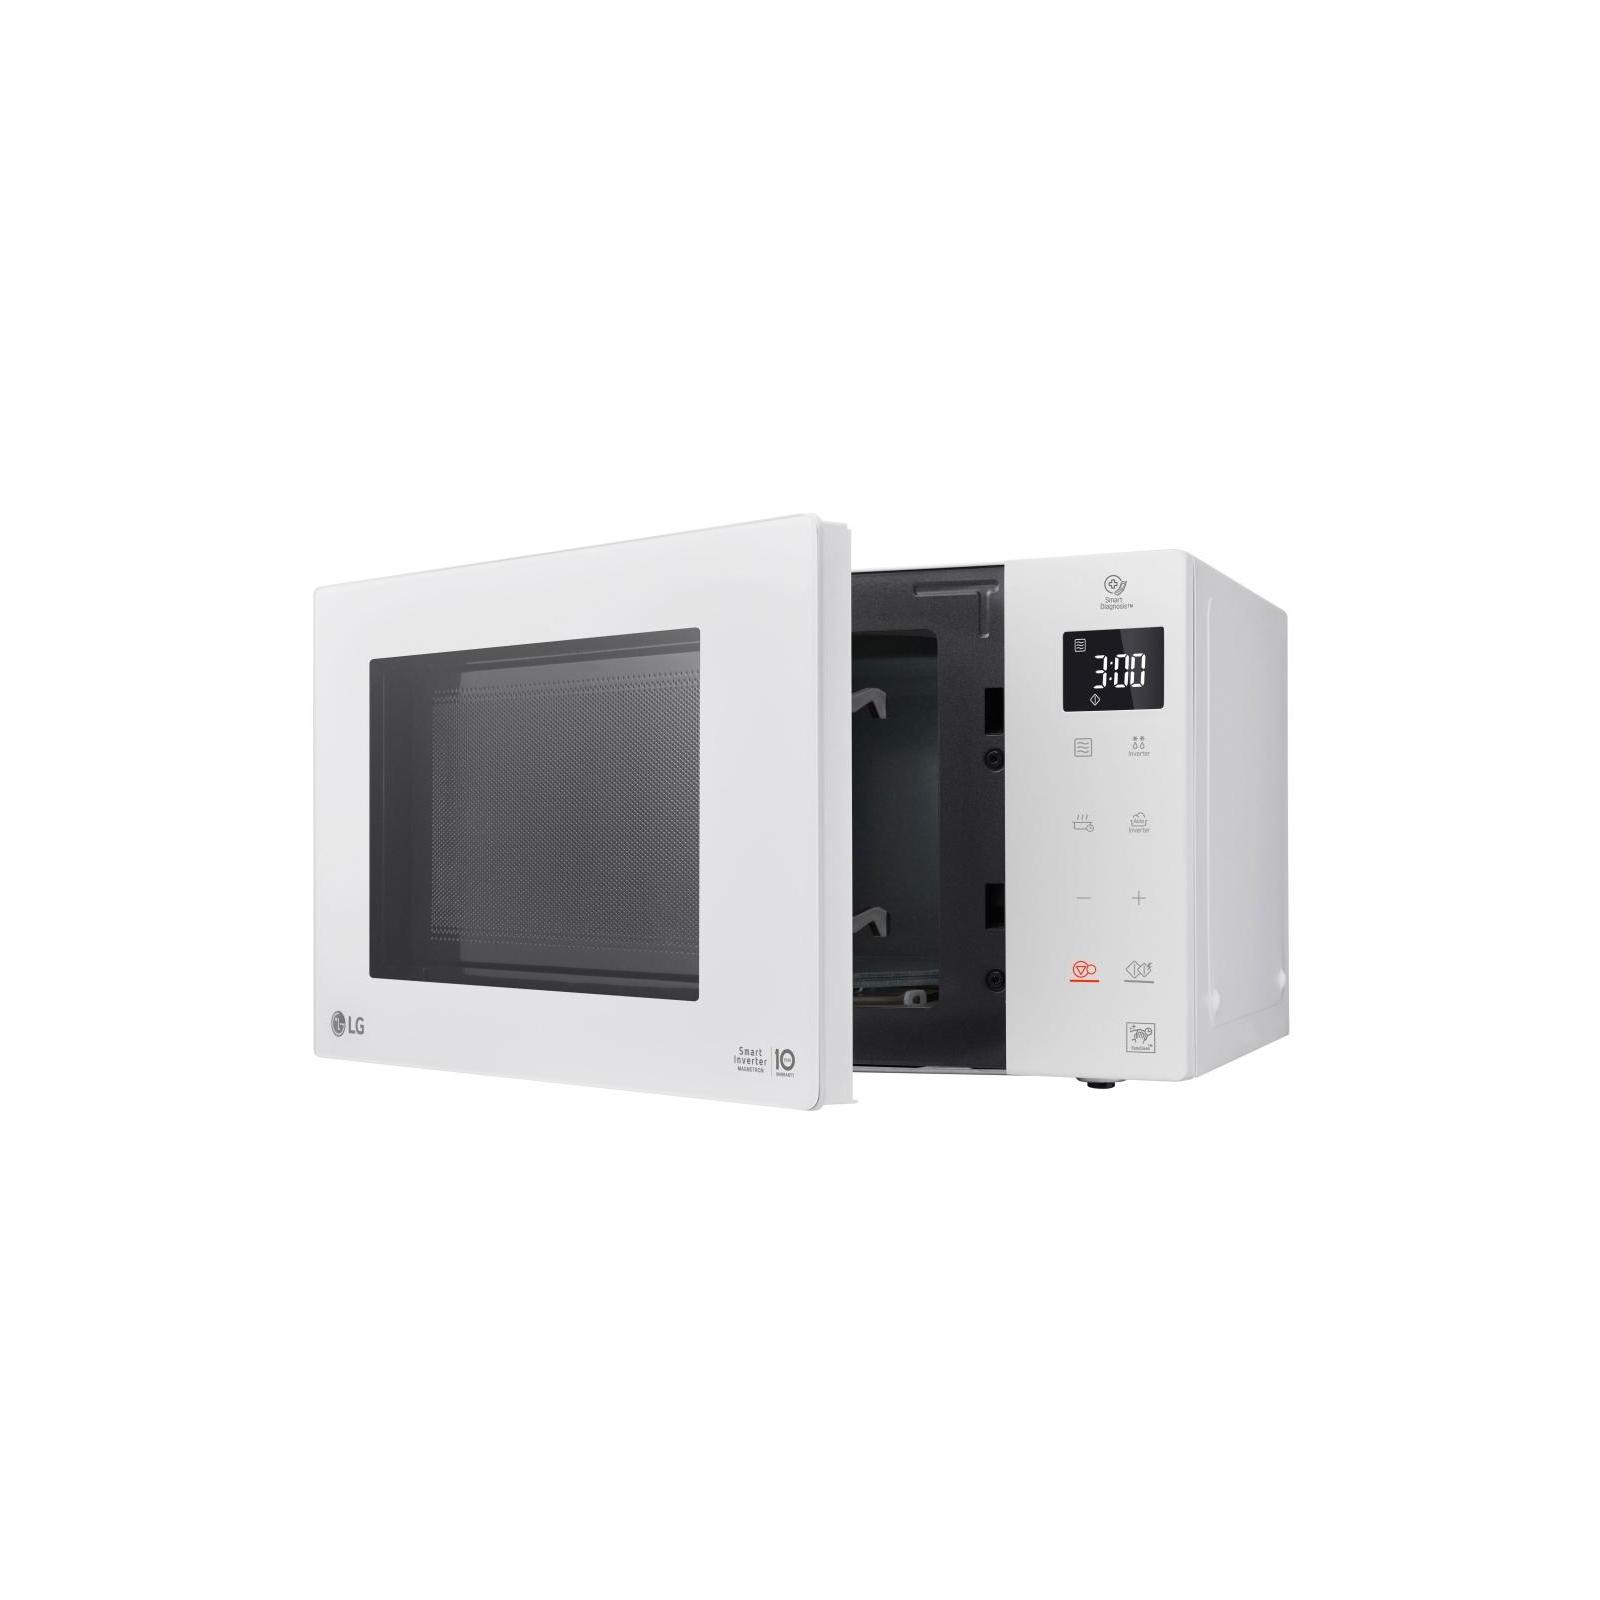 Микроволновая печь LG MS2336GIH изображение 5